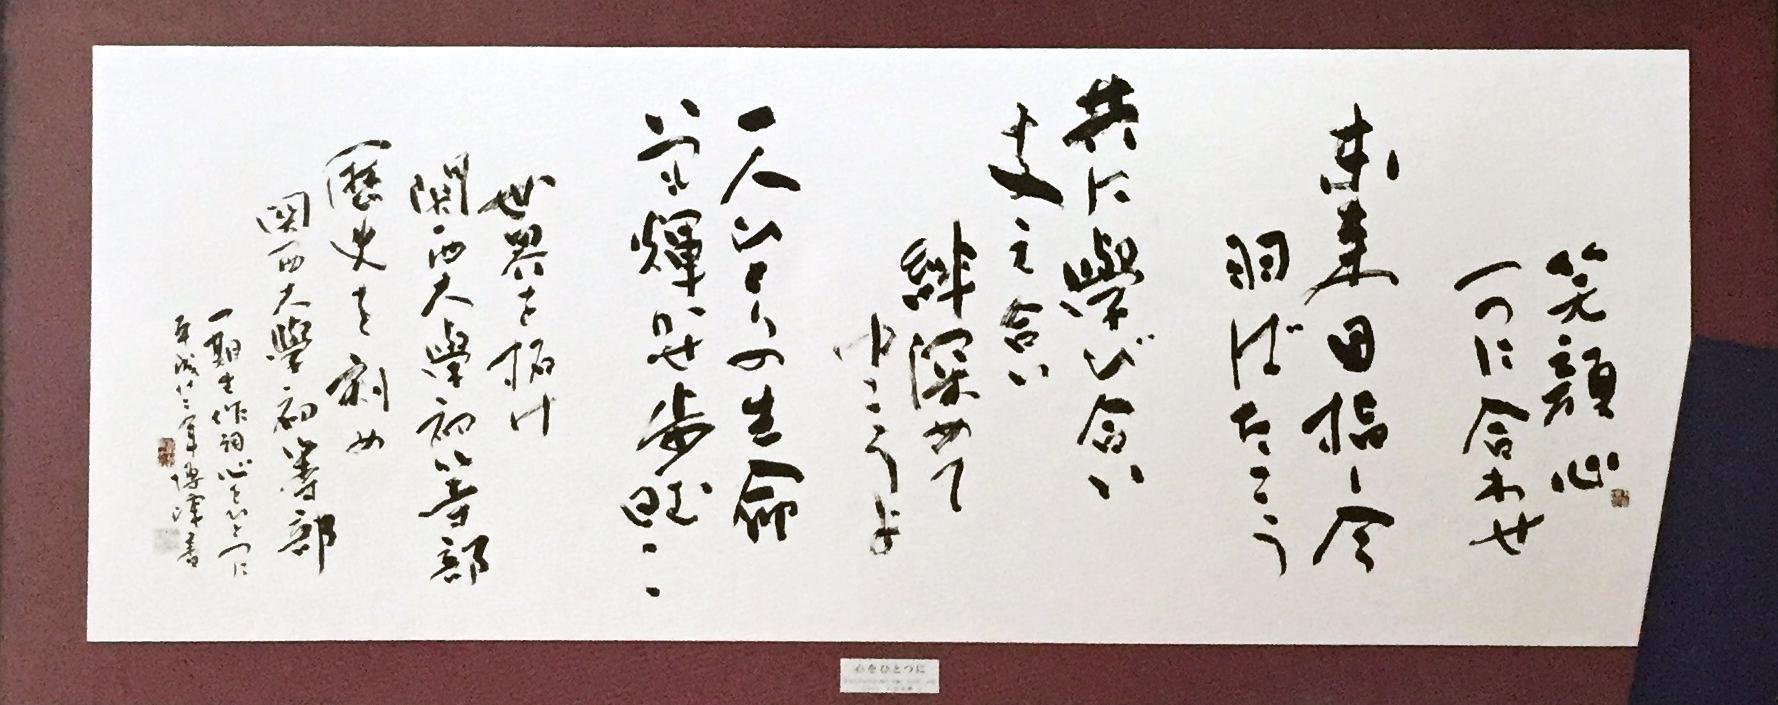 愛唱歌「心をひとつに」 2010 関西大学初等部校舎